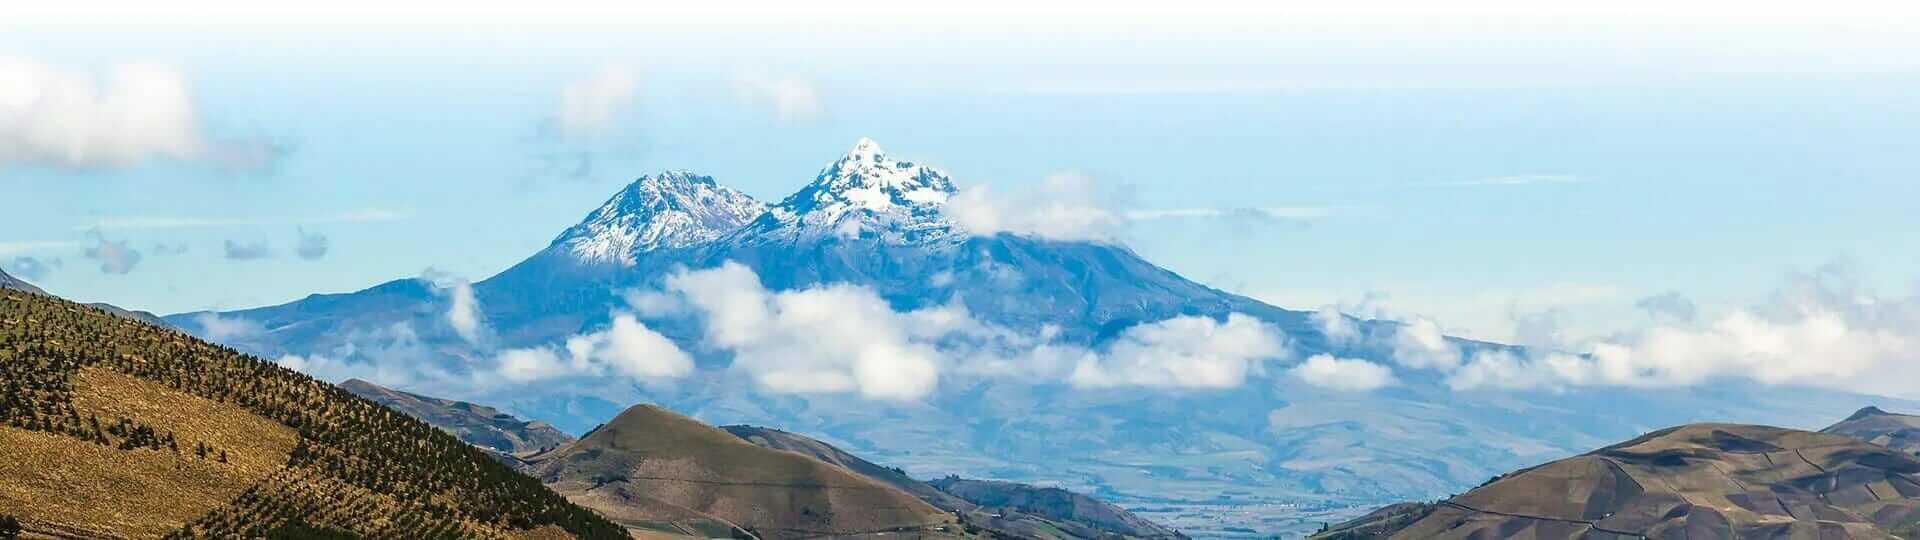 illinizas volcanoes ecuador